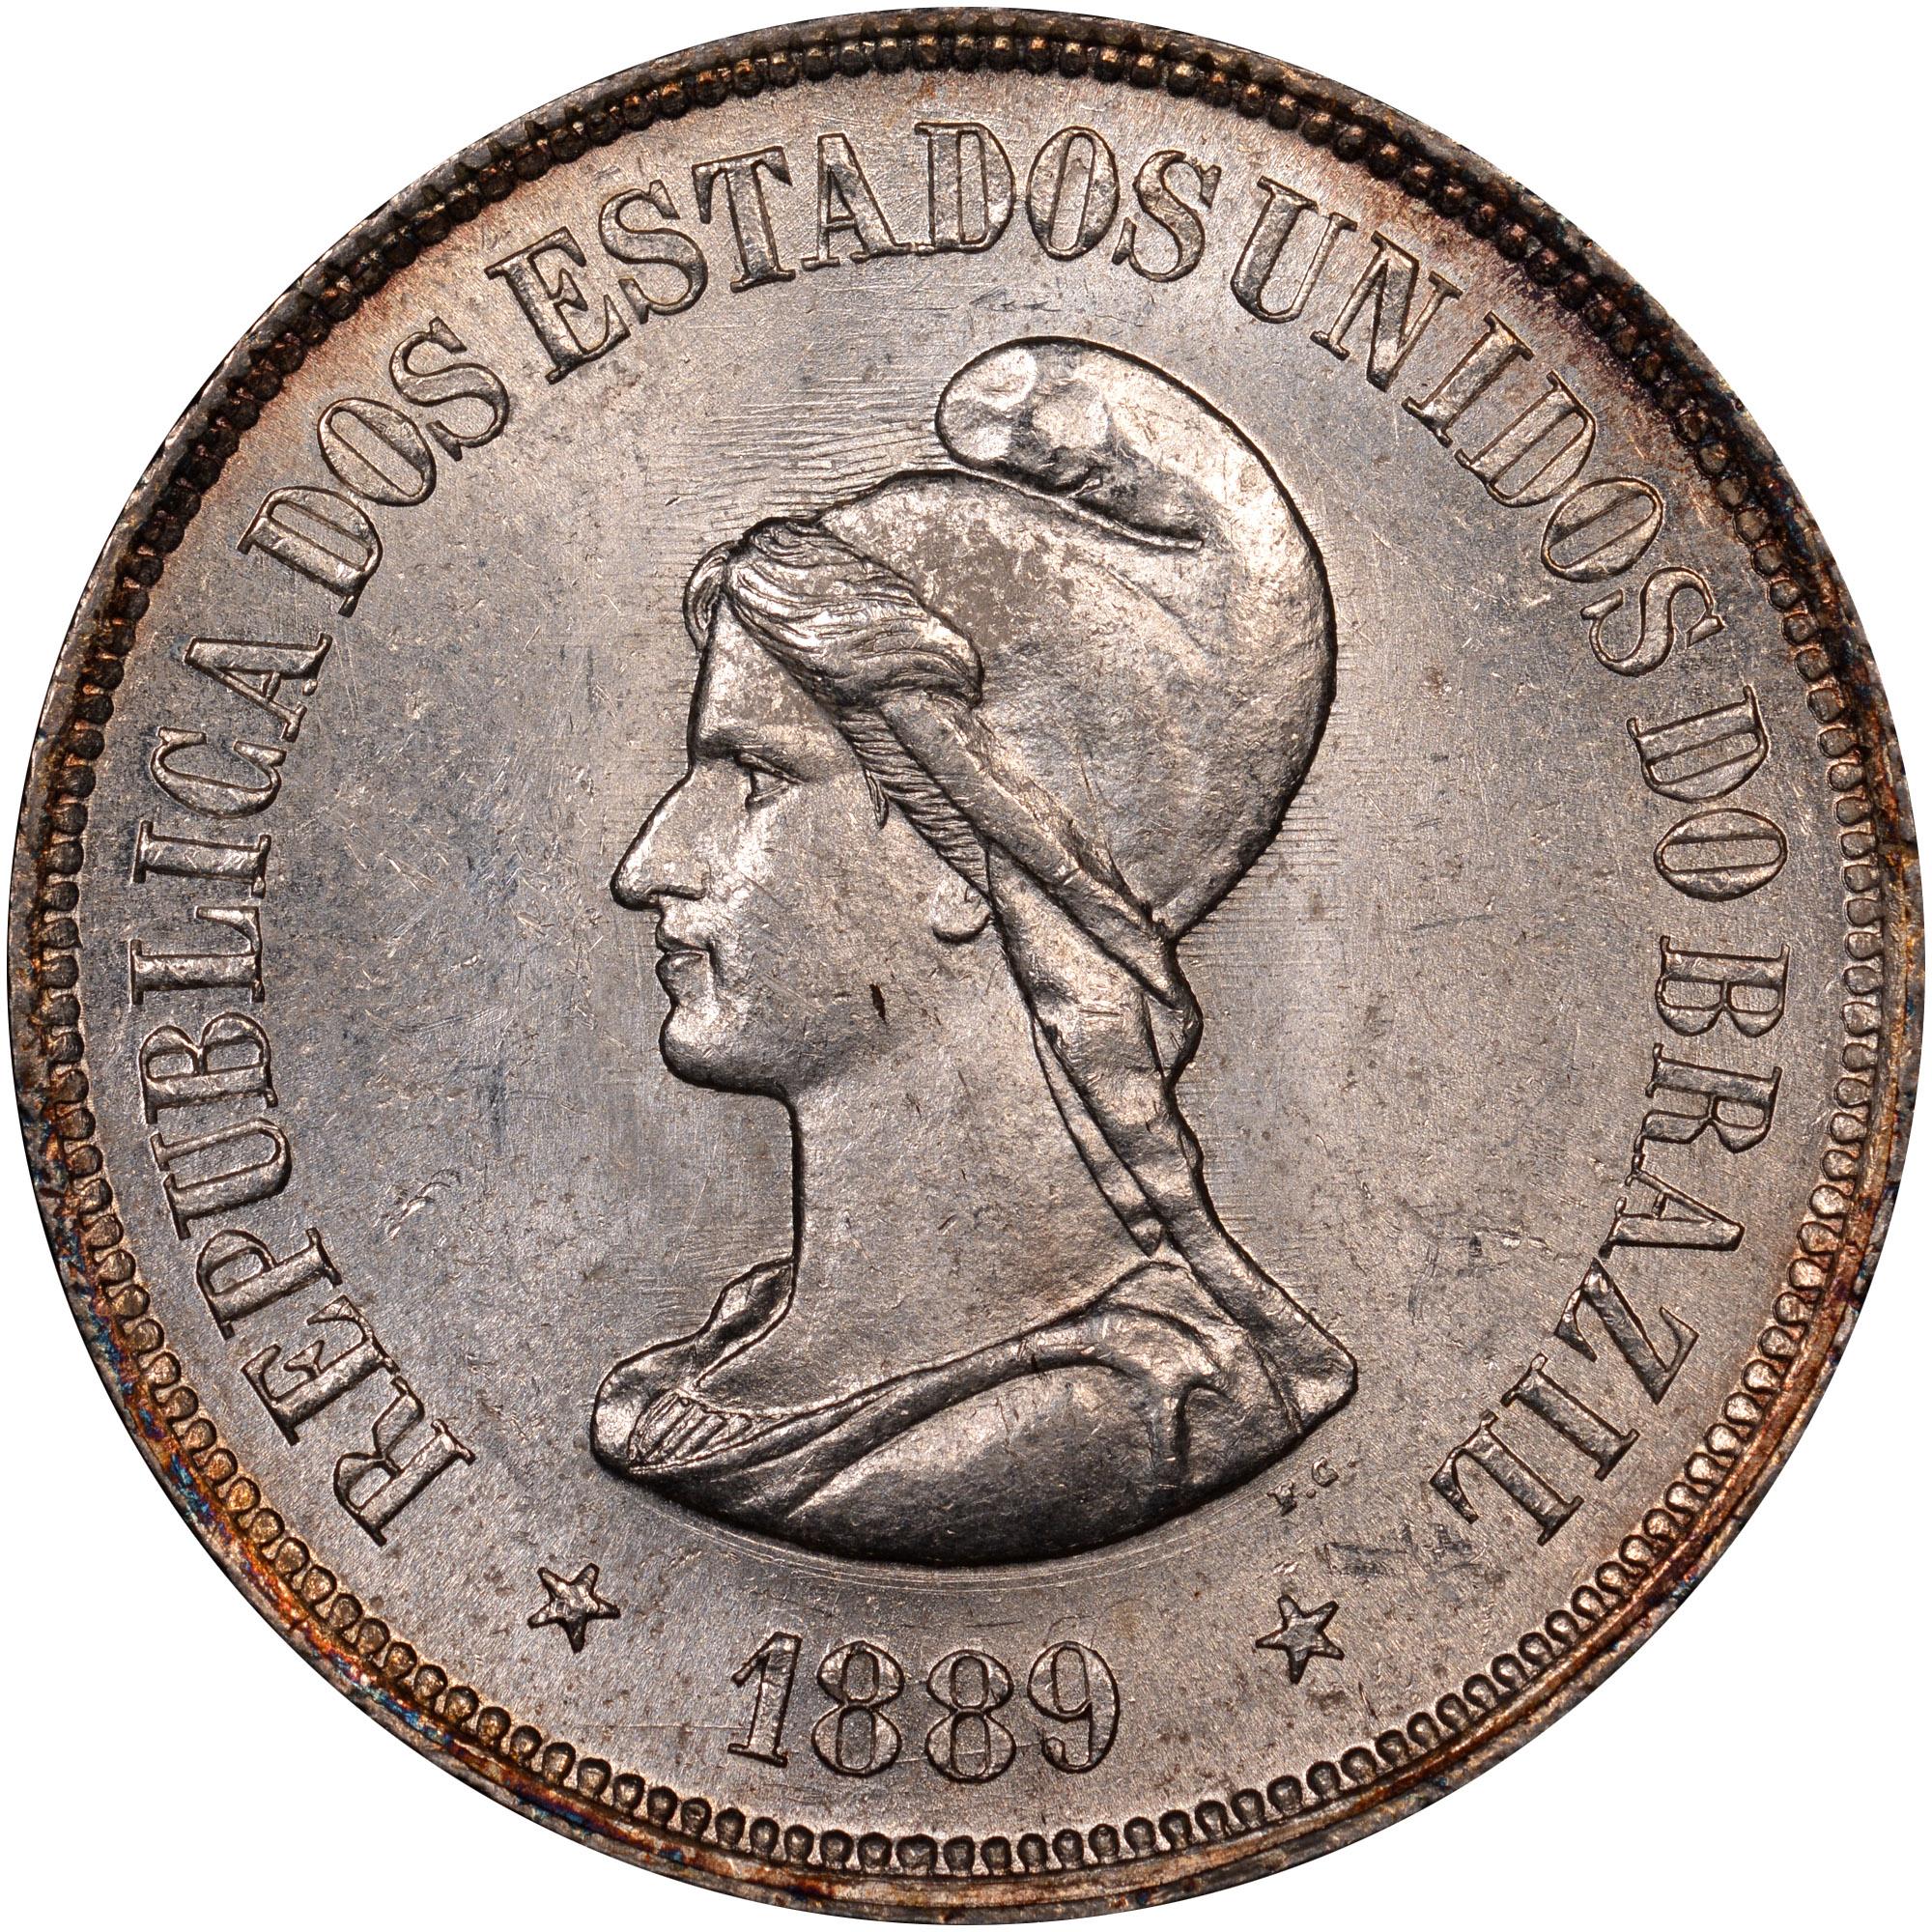 1889 Brazil 1000 Reis obverse